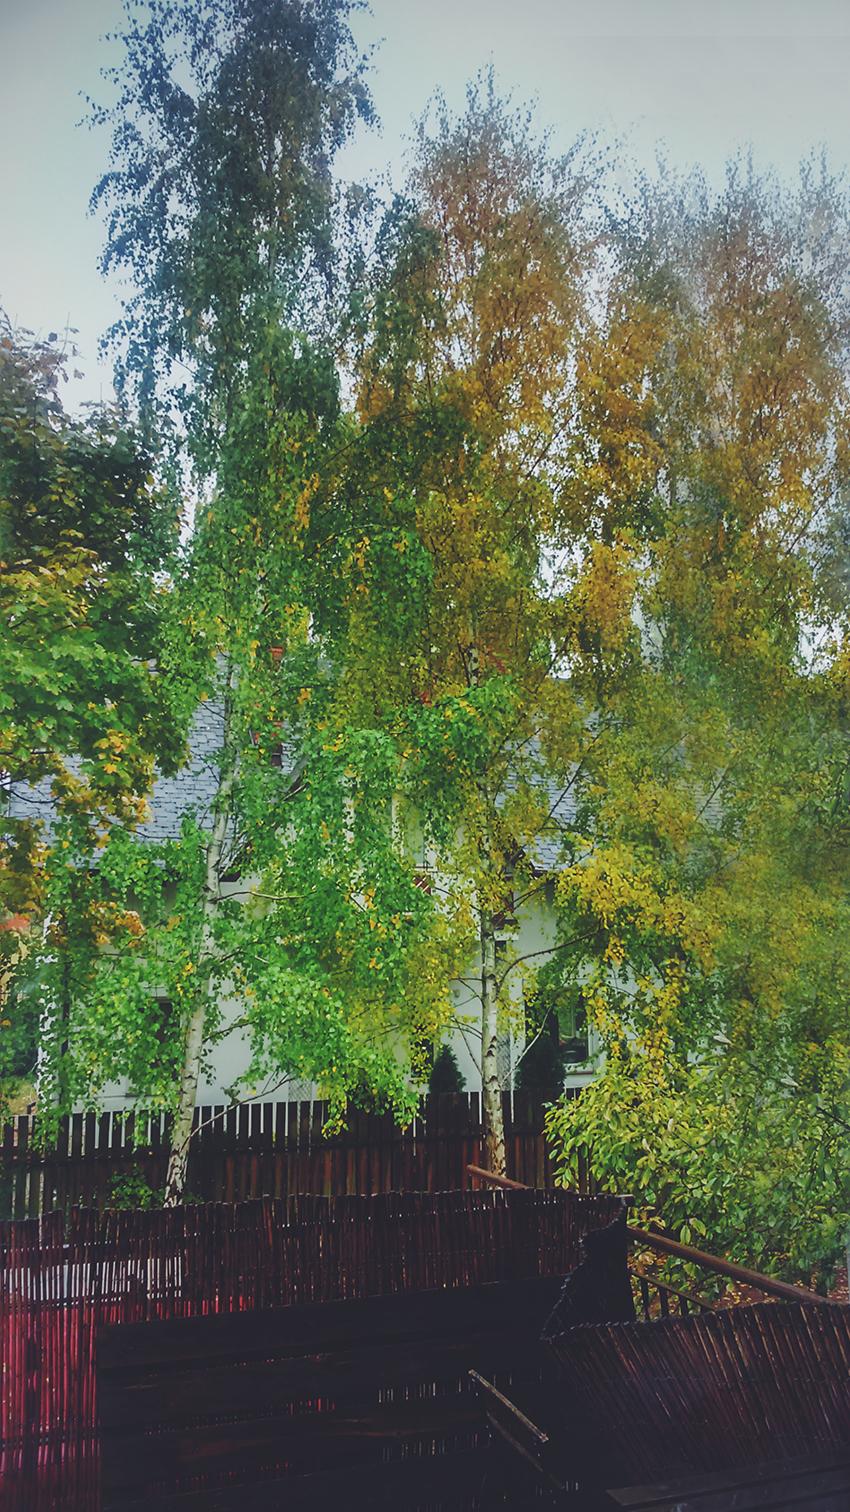 Widok z okna na drzewa jesienią